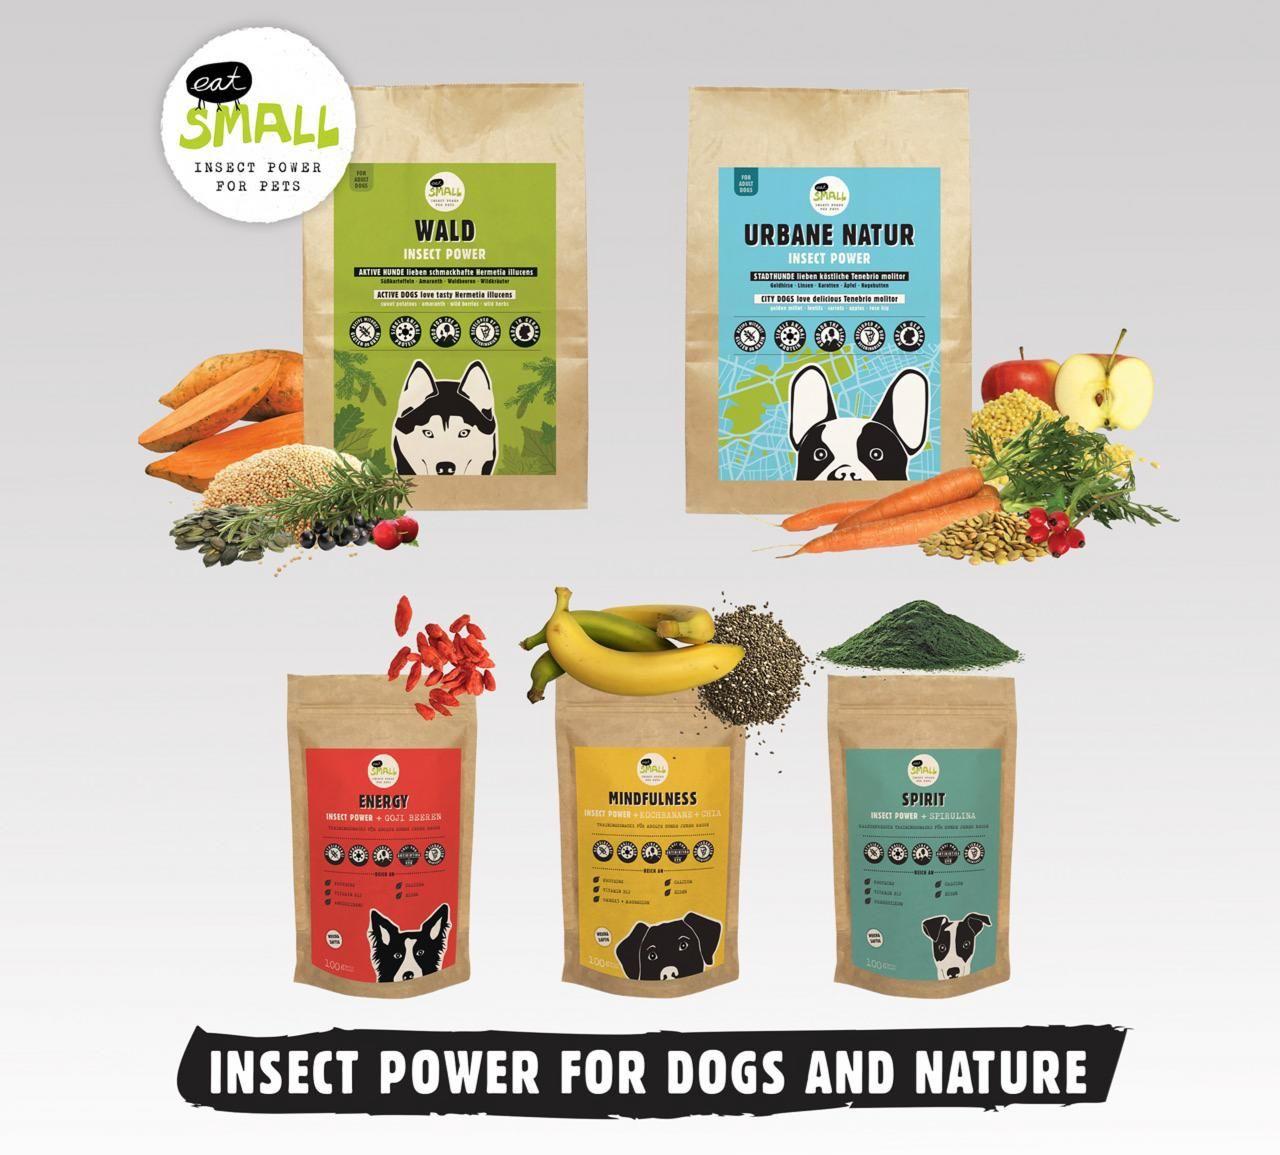 Premium Trockenfutter & kaltgepresste Trainingssnacks mit Insektenprotein als einziges tierisches Protein: Eine neuartige Option für Hunde, die an Nahrungsunverträglichkeiten leiden